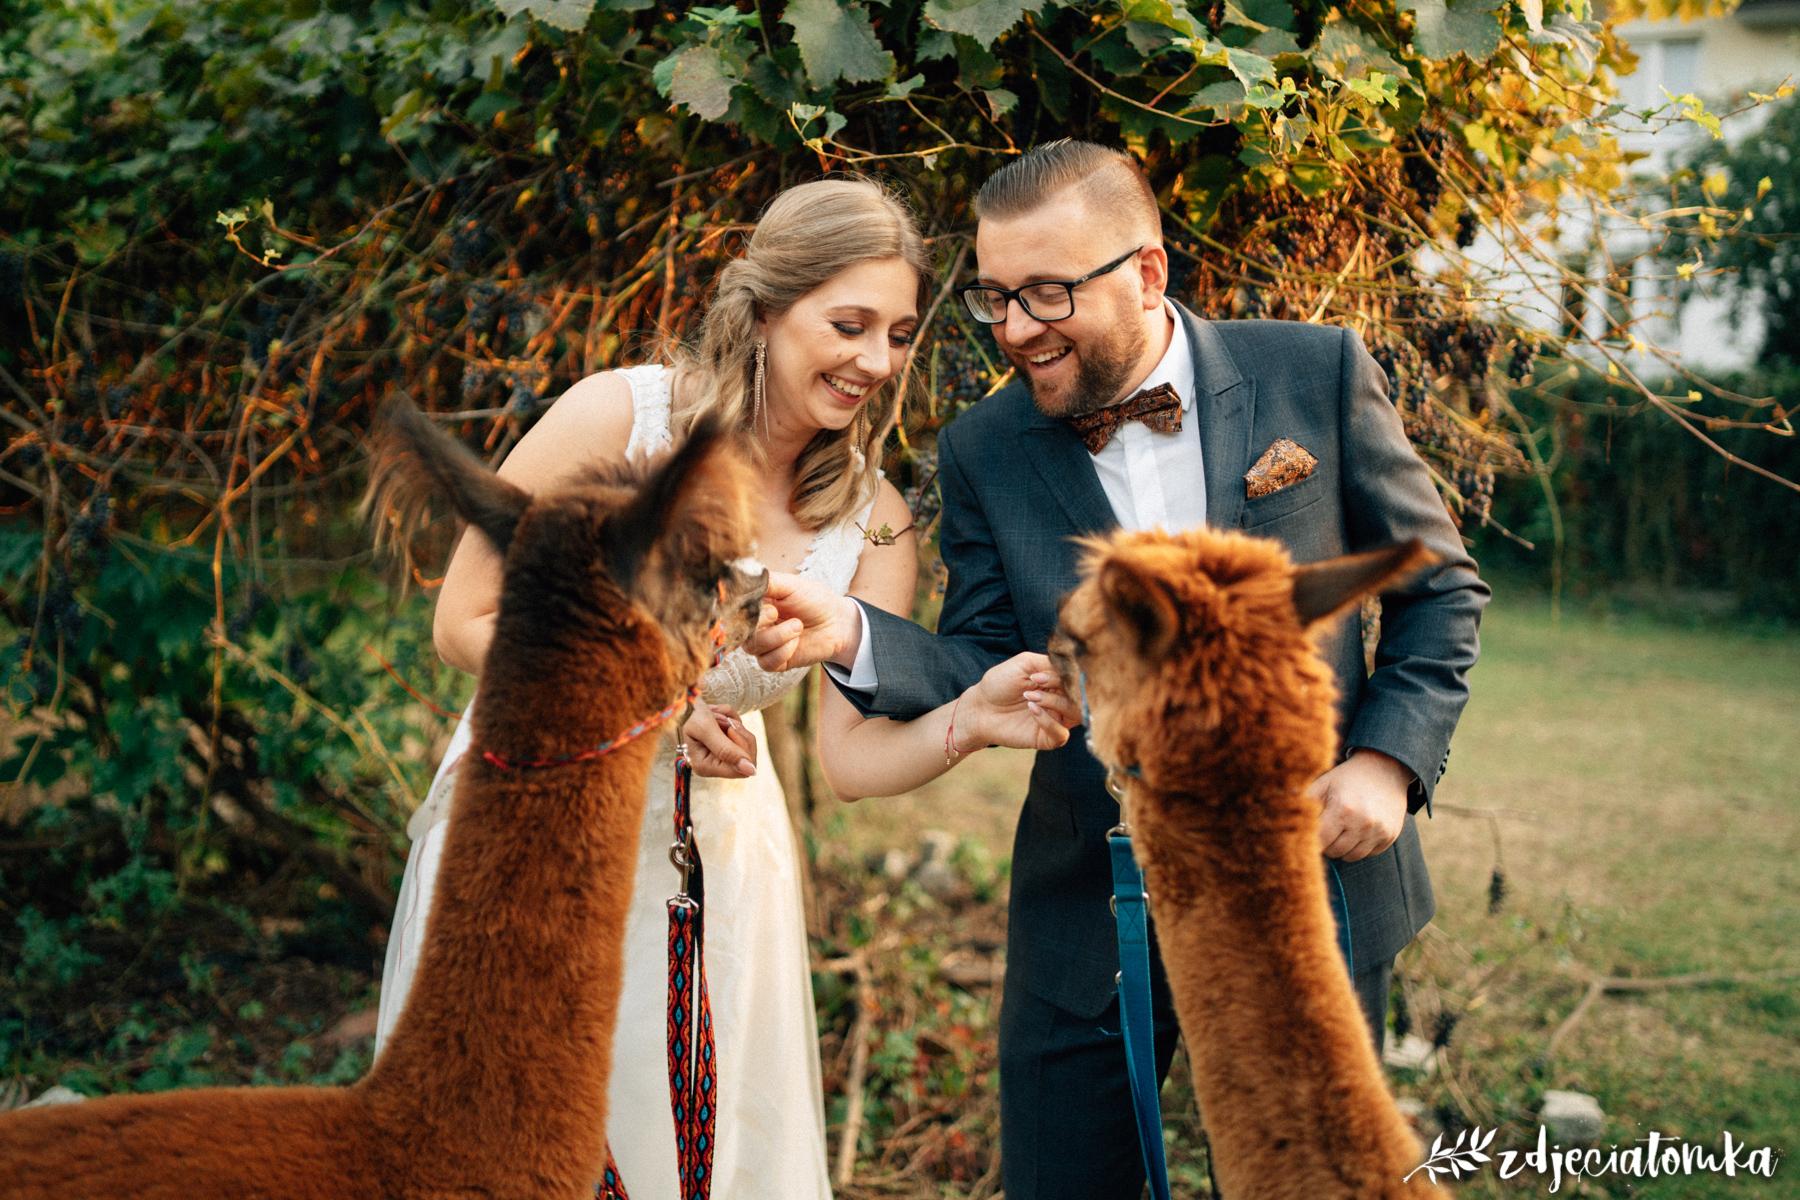 alpaki corazon łomianki pan młody panna młoda sesja plenerowa poślubna bajeczna sesja z alpakami